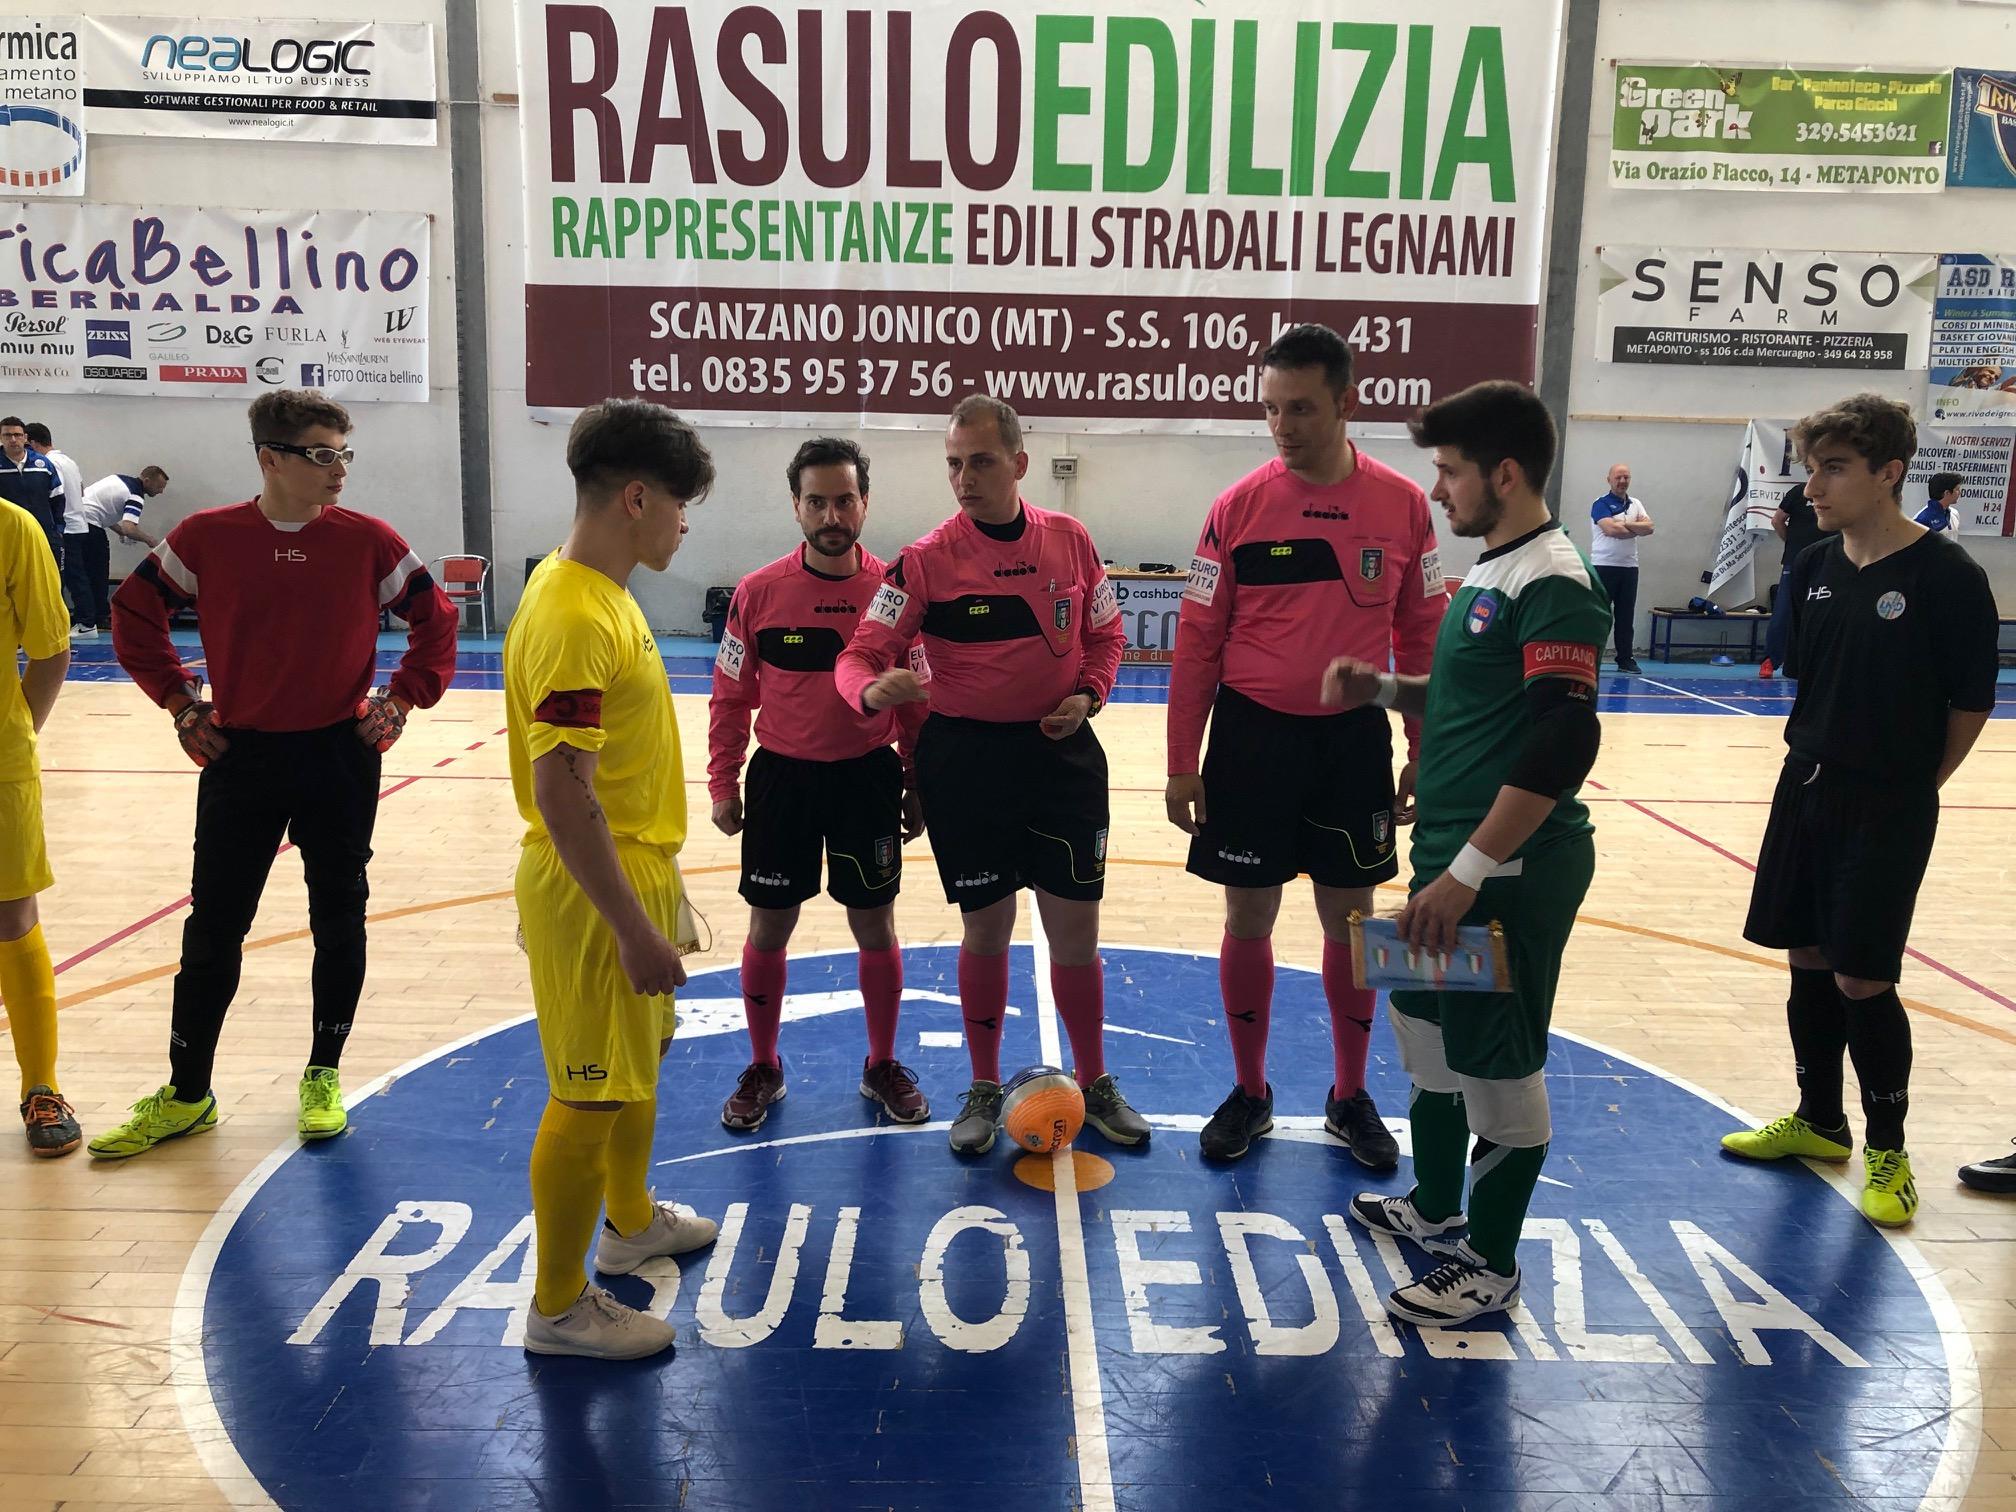 Torneo delle Regioni calcio a 5: la Juniores sconfitta dal FVG, oggi serve l'impresa per raggiungere i quarti di finale.